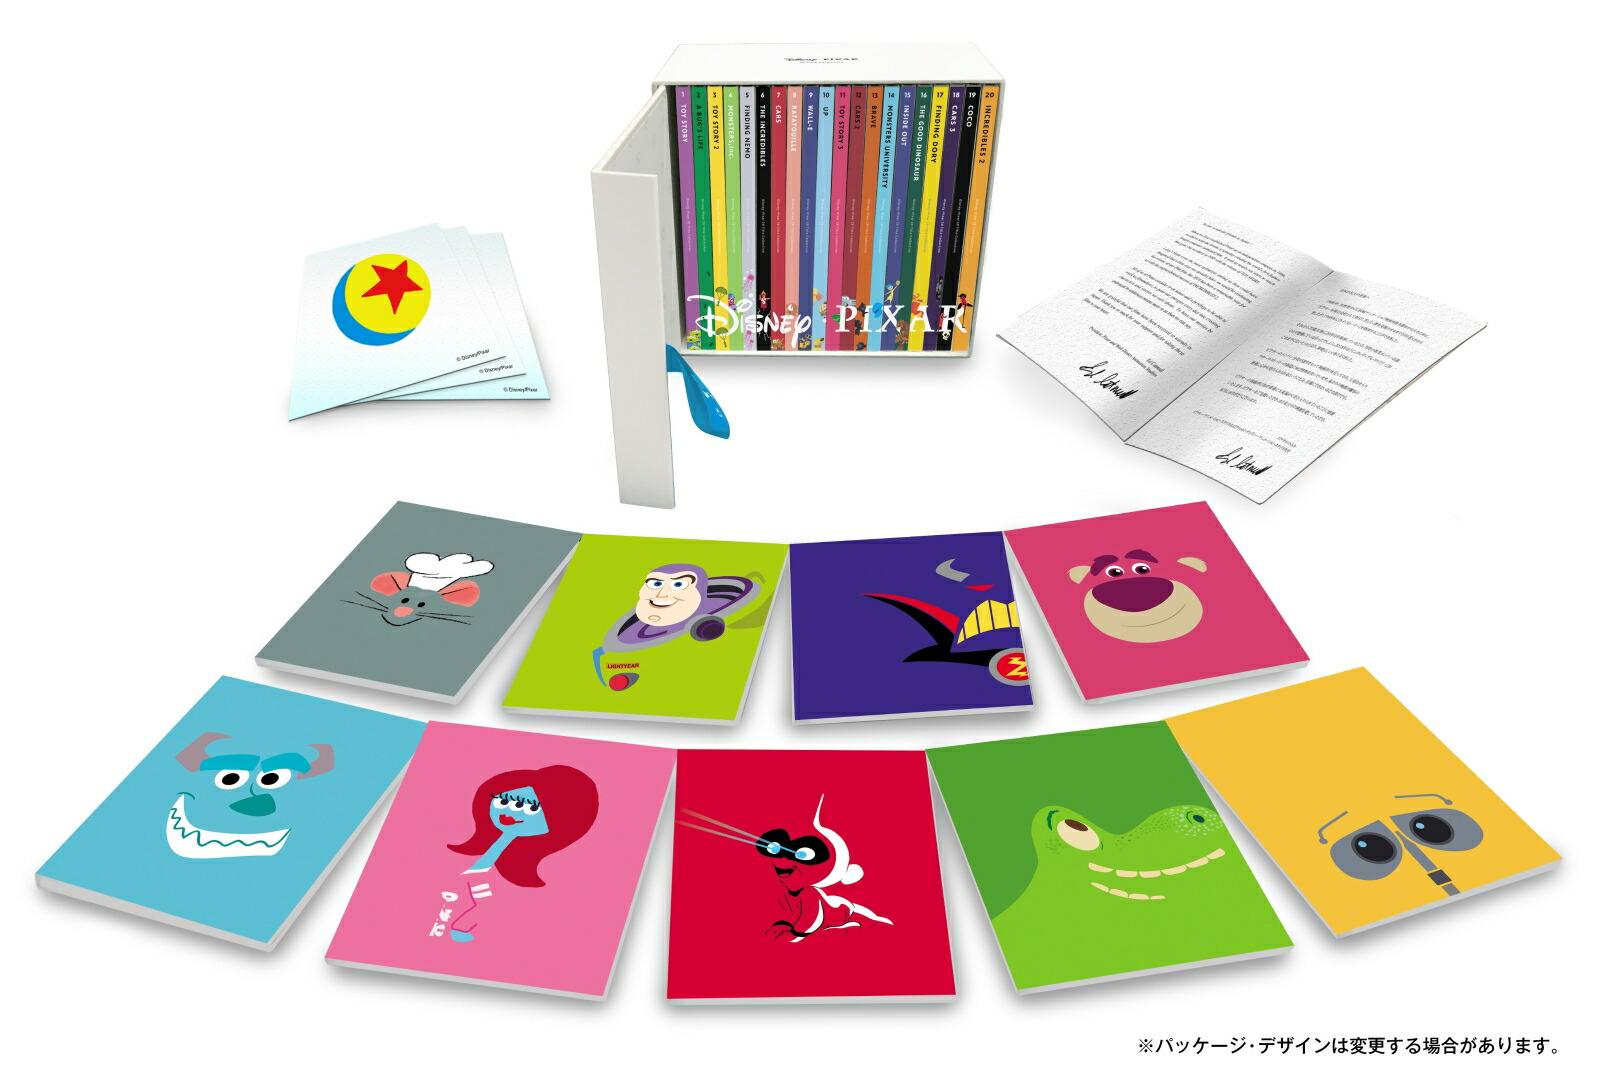 ディズニー/ピクサー 20タイトル コレクション(Blu-ray)[VWBS-6762][Blu-ray/ブルーレイ]